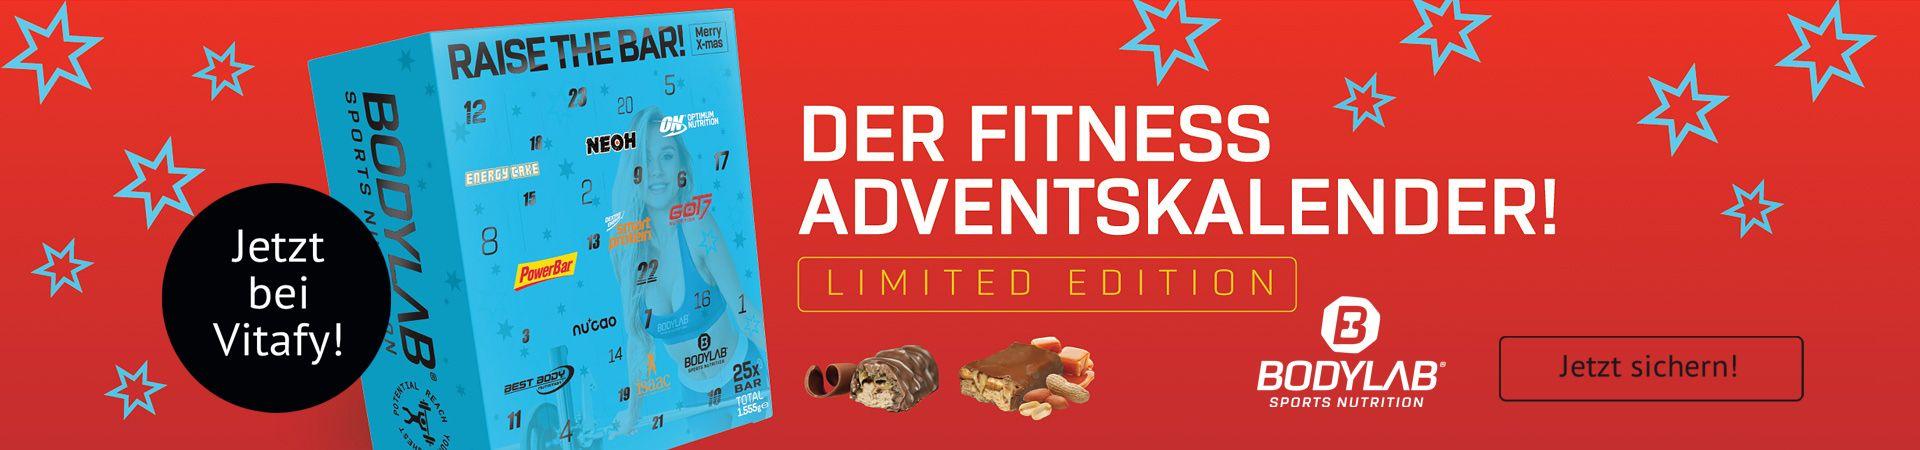 Hol dir jetzt den neuen Bodylab Riegel Adventskalender mit 24 proteinreichen Überraschungen. Nur für kurze Zeit und solange der Vorrat reicht!